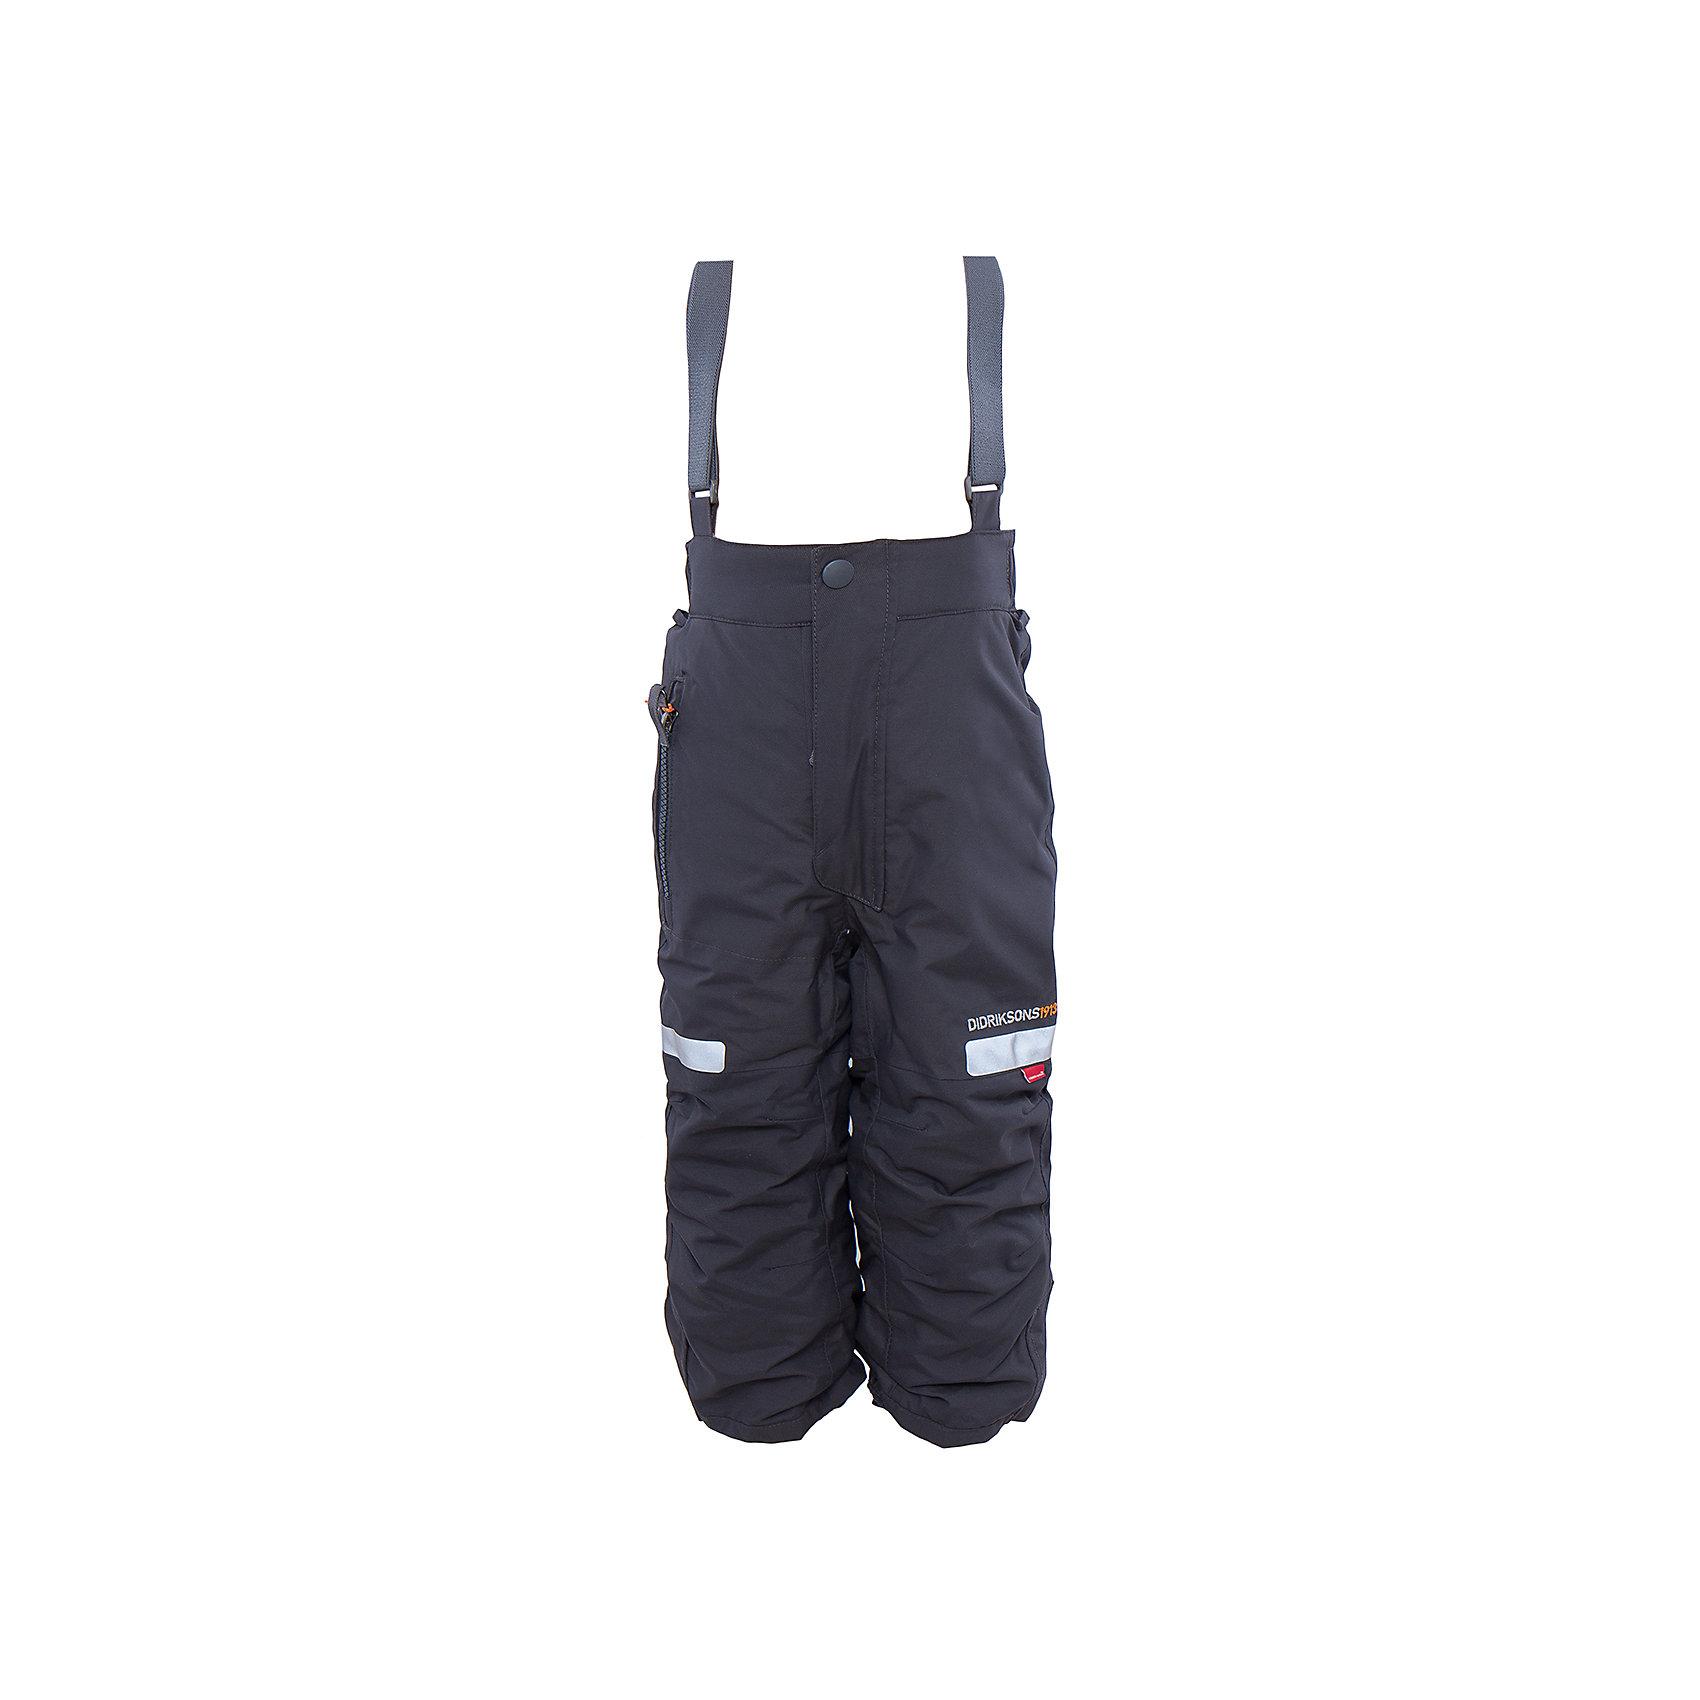 Брюки Amitola DIDRIKSONSВерхняя одежда<br>Характеристики товара:<br><br>• цвет: черный<br>• материал: 100% полиамид, подкладка 100% полиэстер<br>• утеплитель: 120 г/м<br>• сезон: зима<br>• температурный режим от +5 до -20С<br>• непромокаемая и непродуваемая мембранная ткань<br>• резинки для ботинок<br>• дополнительная пропитка верха<br>• прокленные швы<br>• талия и низ штанин регулируется<br>• внутренние гетры<br>• ширинка на молнии<br>• фиксированные лямки<br>• светоотражающие детали<br>• можно увеличить длину штанин на один размер <br>• страна бренда: Швеция<br>• страна производства: Китай<br><br>Такие брюки незаменимы в холодную и сырую погоду! Это не только стильно, но еще и очень комфортно, а также тепло. Они обеспечат ребенку удобство при прогулках и активном отдыхе зимой. Брюки от шведского производителя легко трансформируются под рост ребенка и погодные условия.<br>Модель сшита из мембранной ткани, которая позволяет телу дышать, но при этом не промокает и не продувается. Очень стильная и удобная модель! Изделие качественно выполнено, сделано из безопасных для детей материалов. <br><br>Брюки от бренда DIDRIKSONS можно купить в нашем интернет-магазине.<br><br>Ширина мм: 215<br>Глубина мм: 88<br>Высота мм: 191<br>Вес г: 336<br>Цвет: черный<br>Возраст от месяцев: 36<br>Возраст до месяцев: 48<br>Пол: Мужской<br>Возраст: Детский<br>Размер: 100,80,90<br>SKU: 5003879